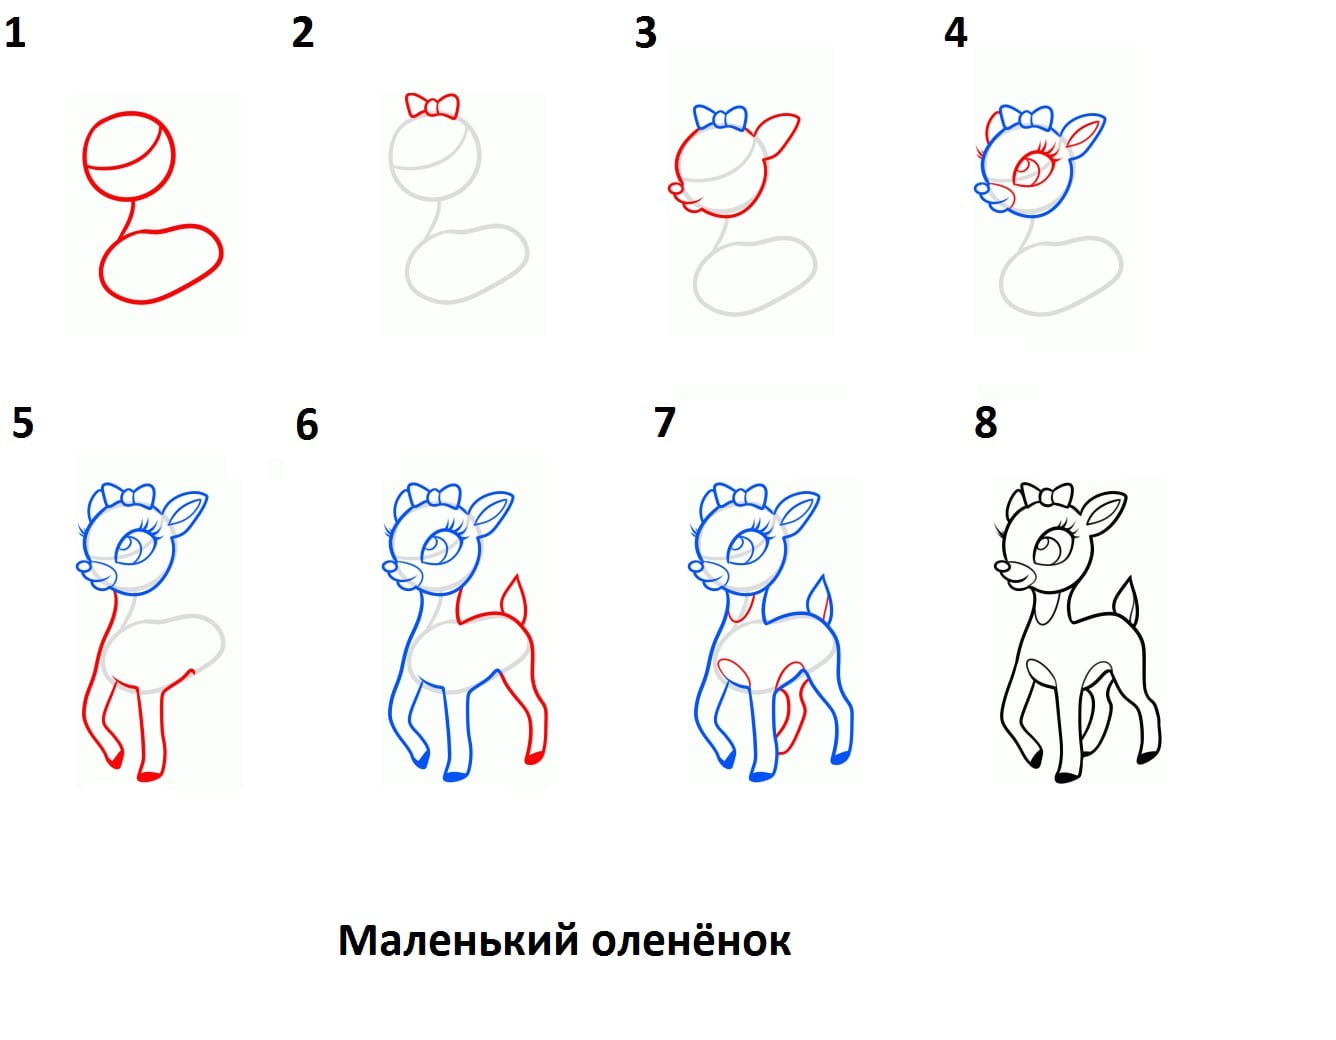 Как нарисовать маленького олененка